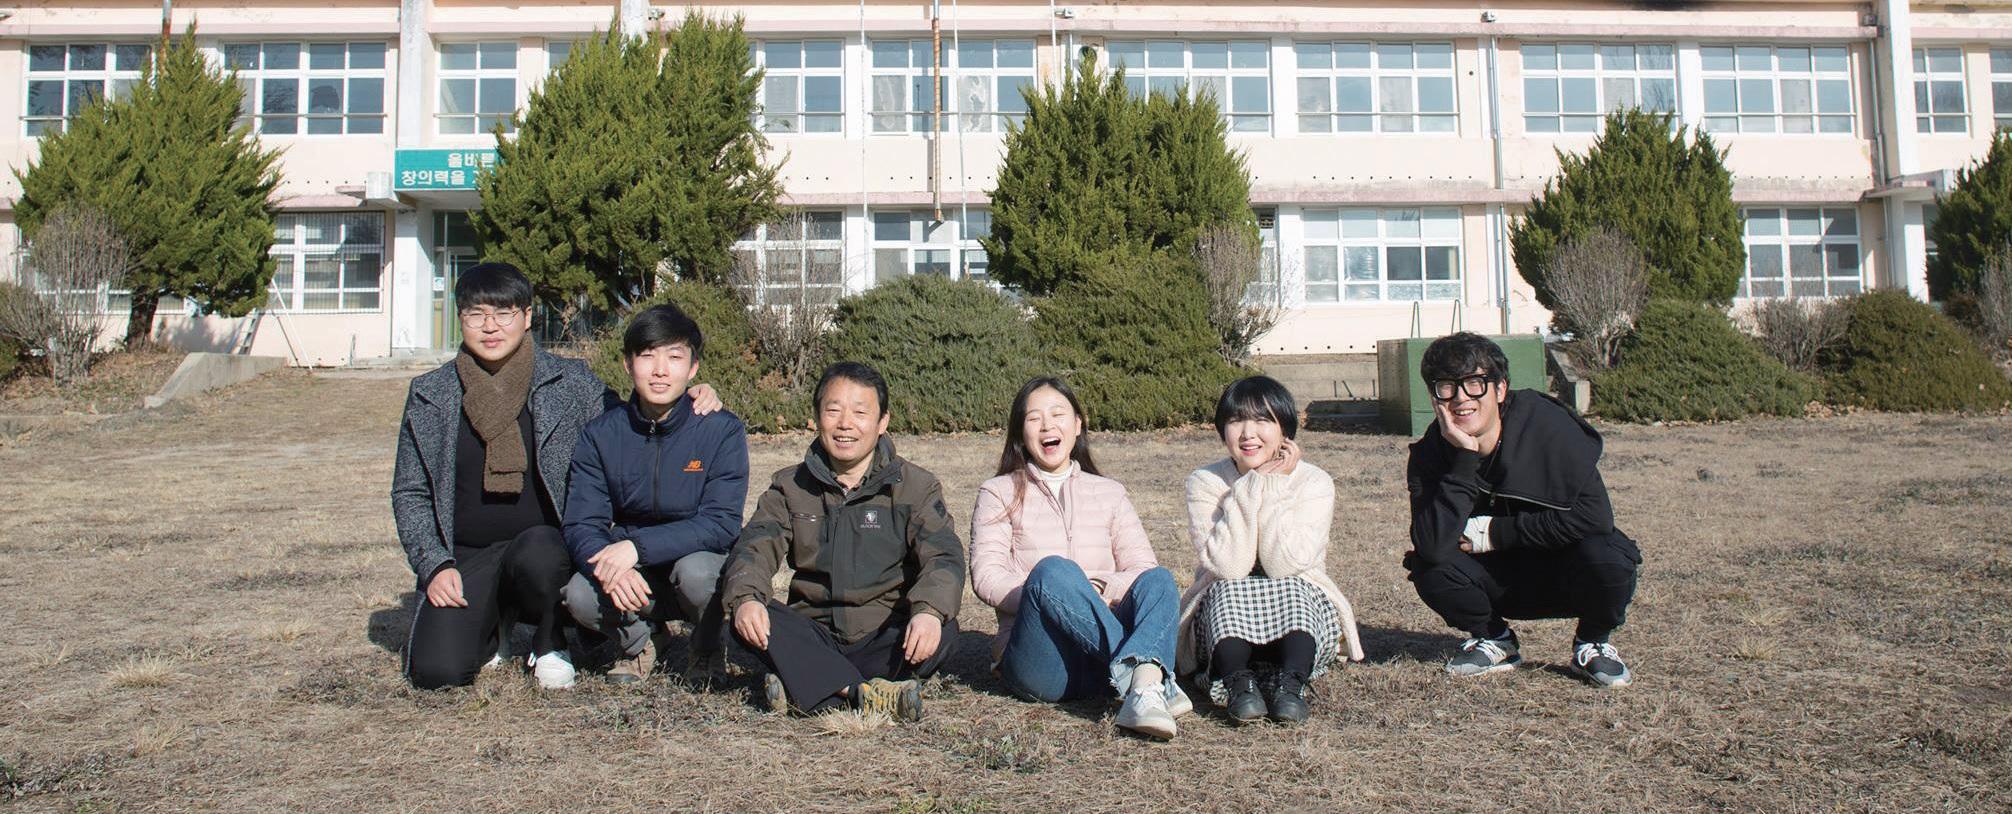 청년이그린협동조합 조합원들. 가장 왼쪽이 주슬기 씨, 왼쪽 세 번째 인물이 장동범 이장이다. ⓒ청년이그린협동조합